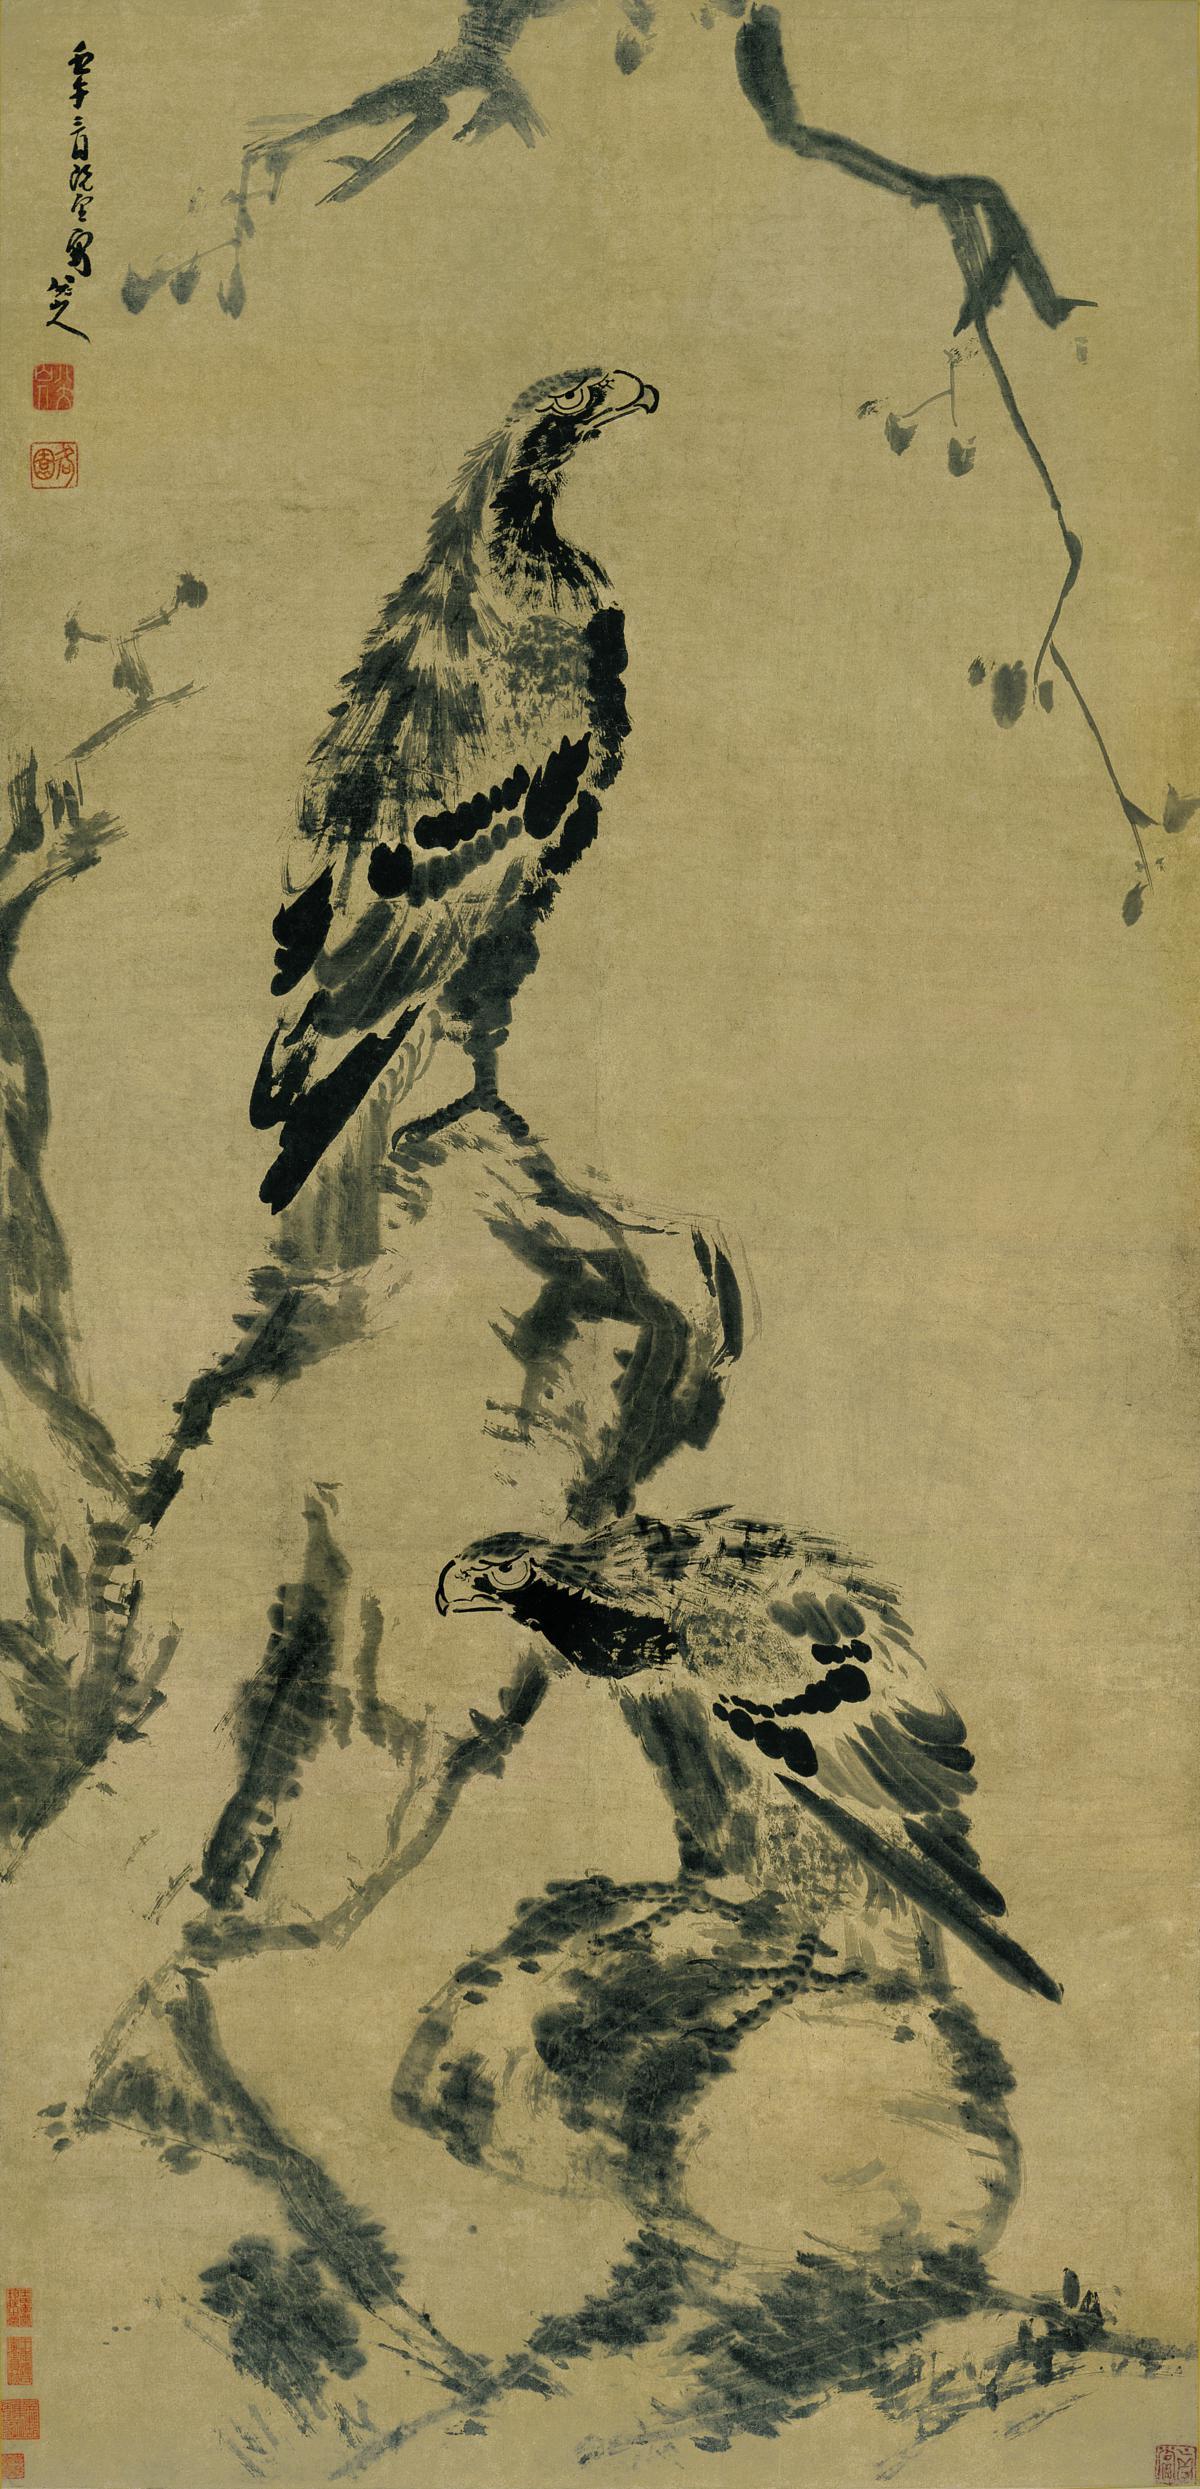 清 朱耷 古木双鹰图 纸本 168x80